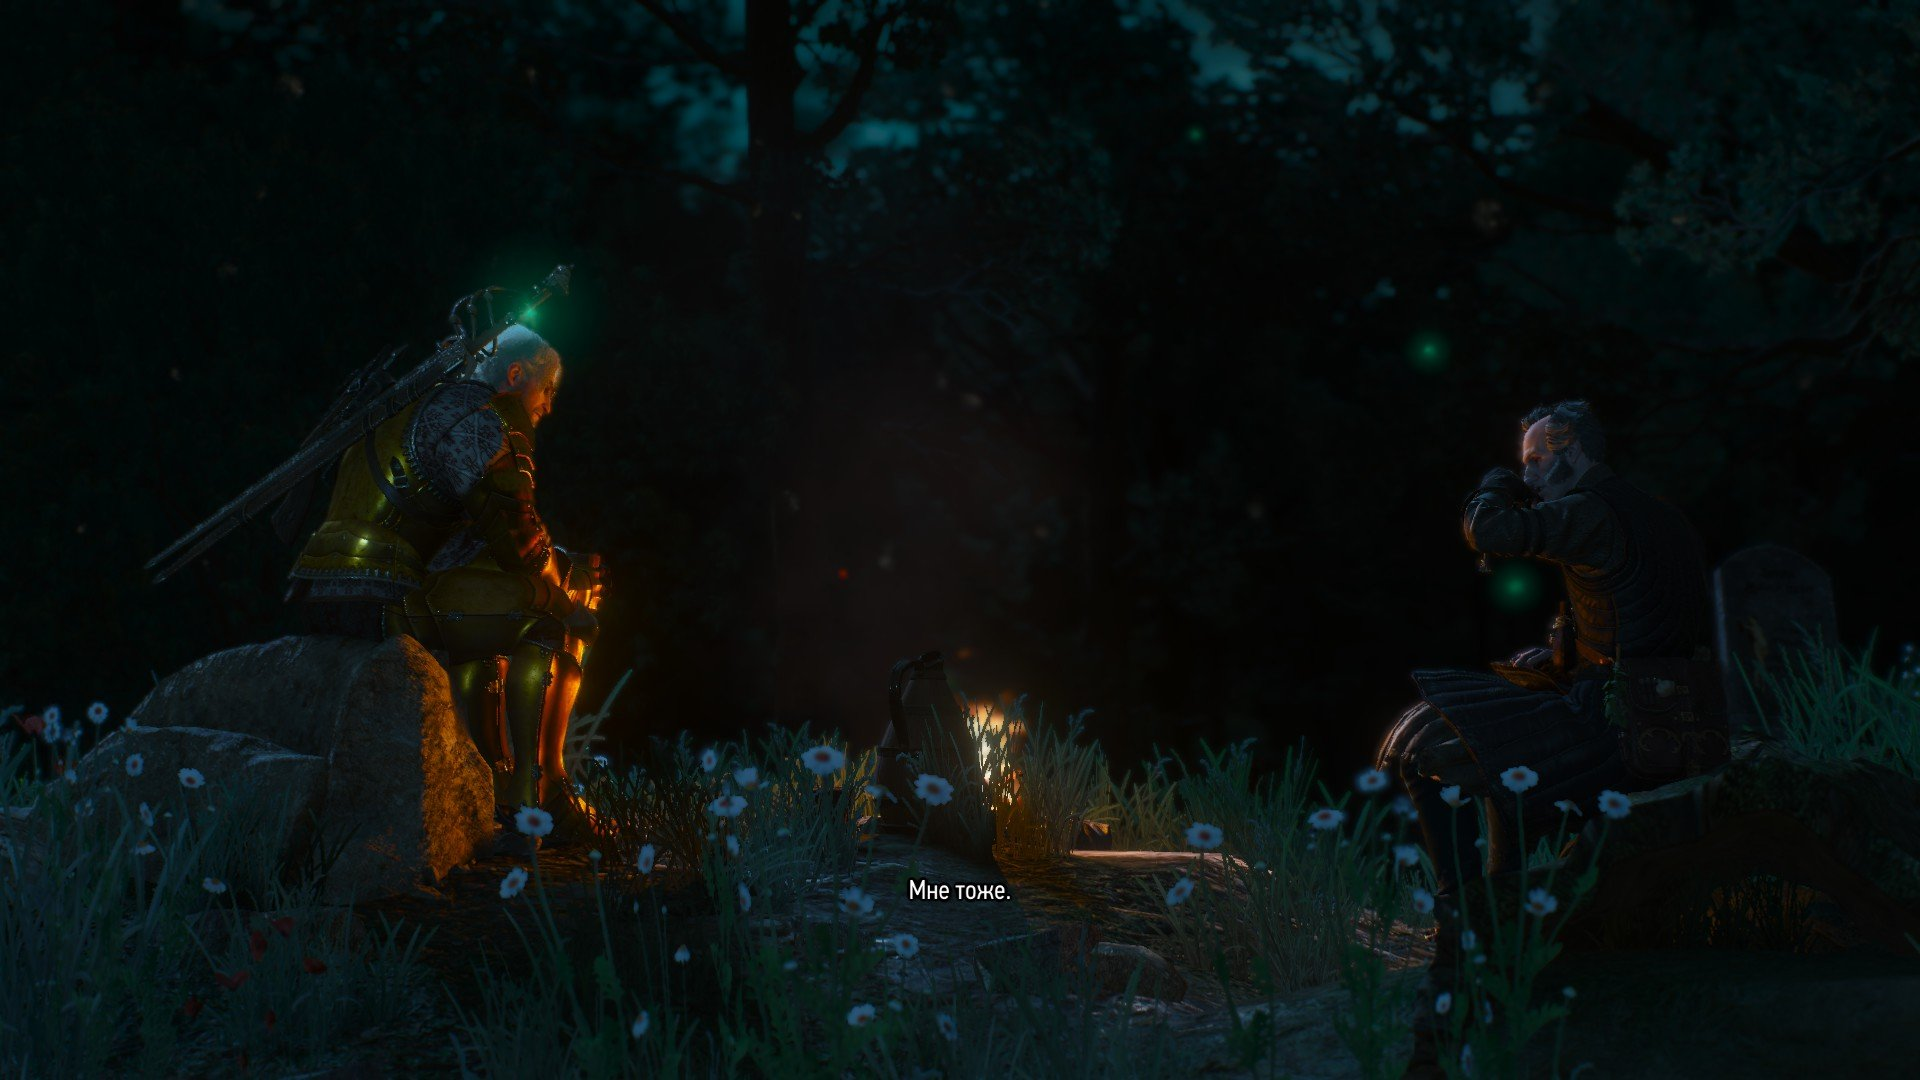 Вопль-прохождение Witcher 3: Кровь и Вино ... ФИНАЛ!!! [ВНИМАНИЕ, СПОЙЛЕРЫ] - Изображение 36